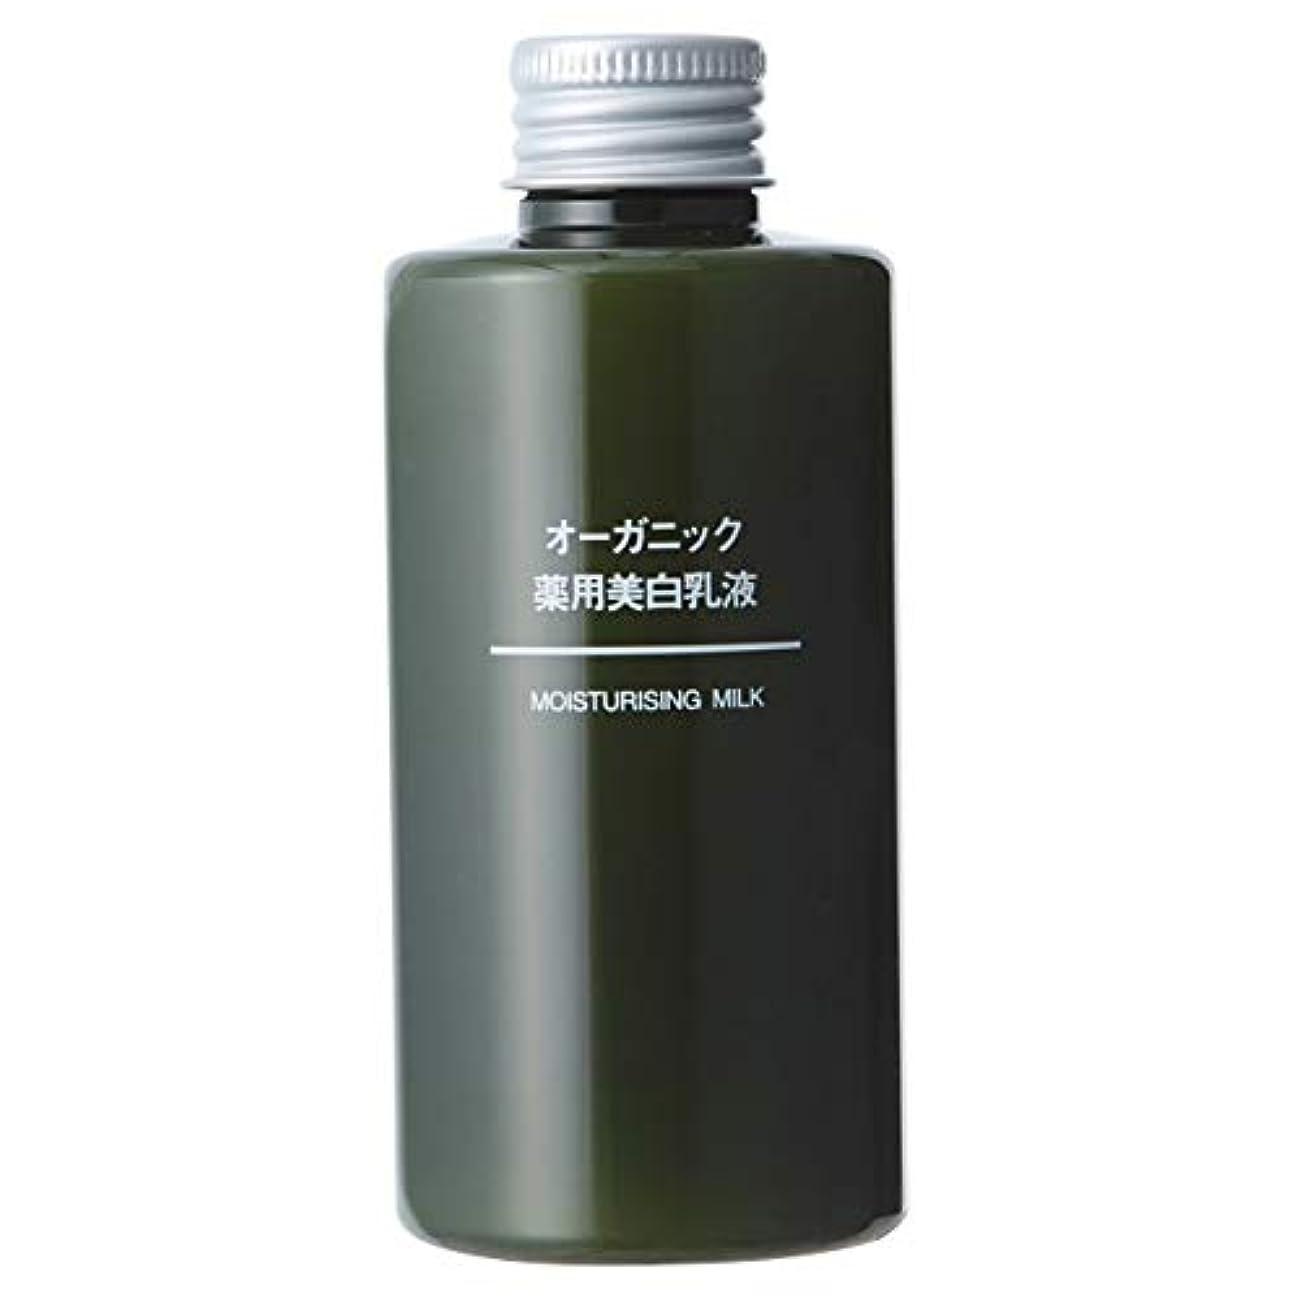 願うファイター大胆不敵無印良品 オーガニック薬用美白乳液 (新)150ml